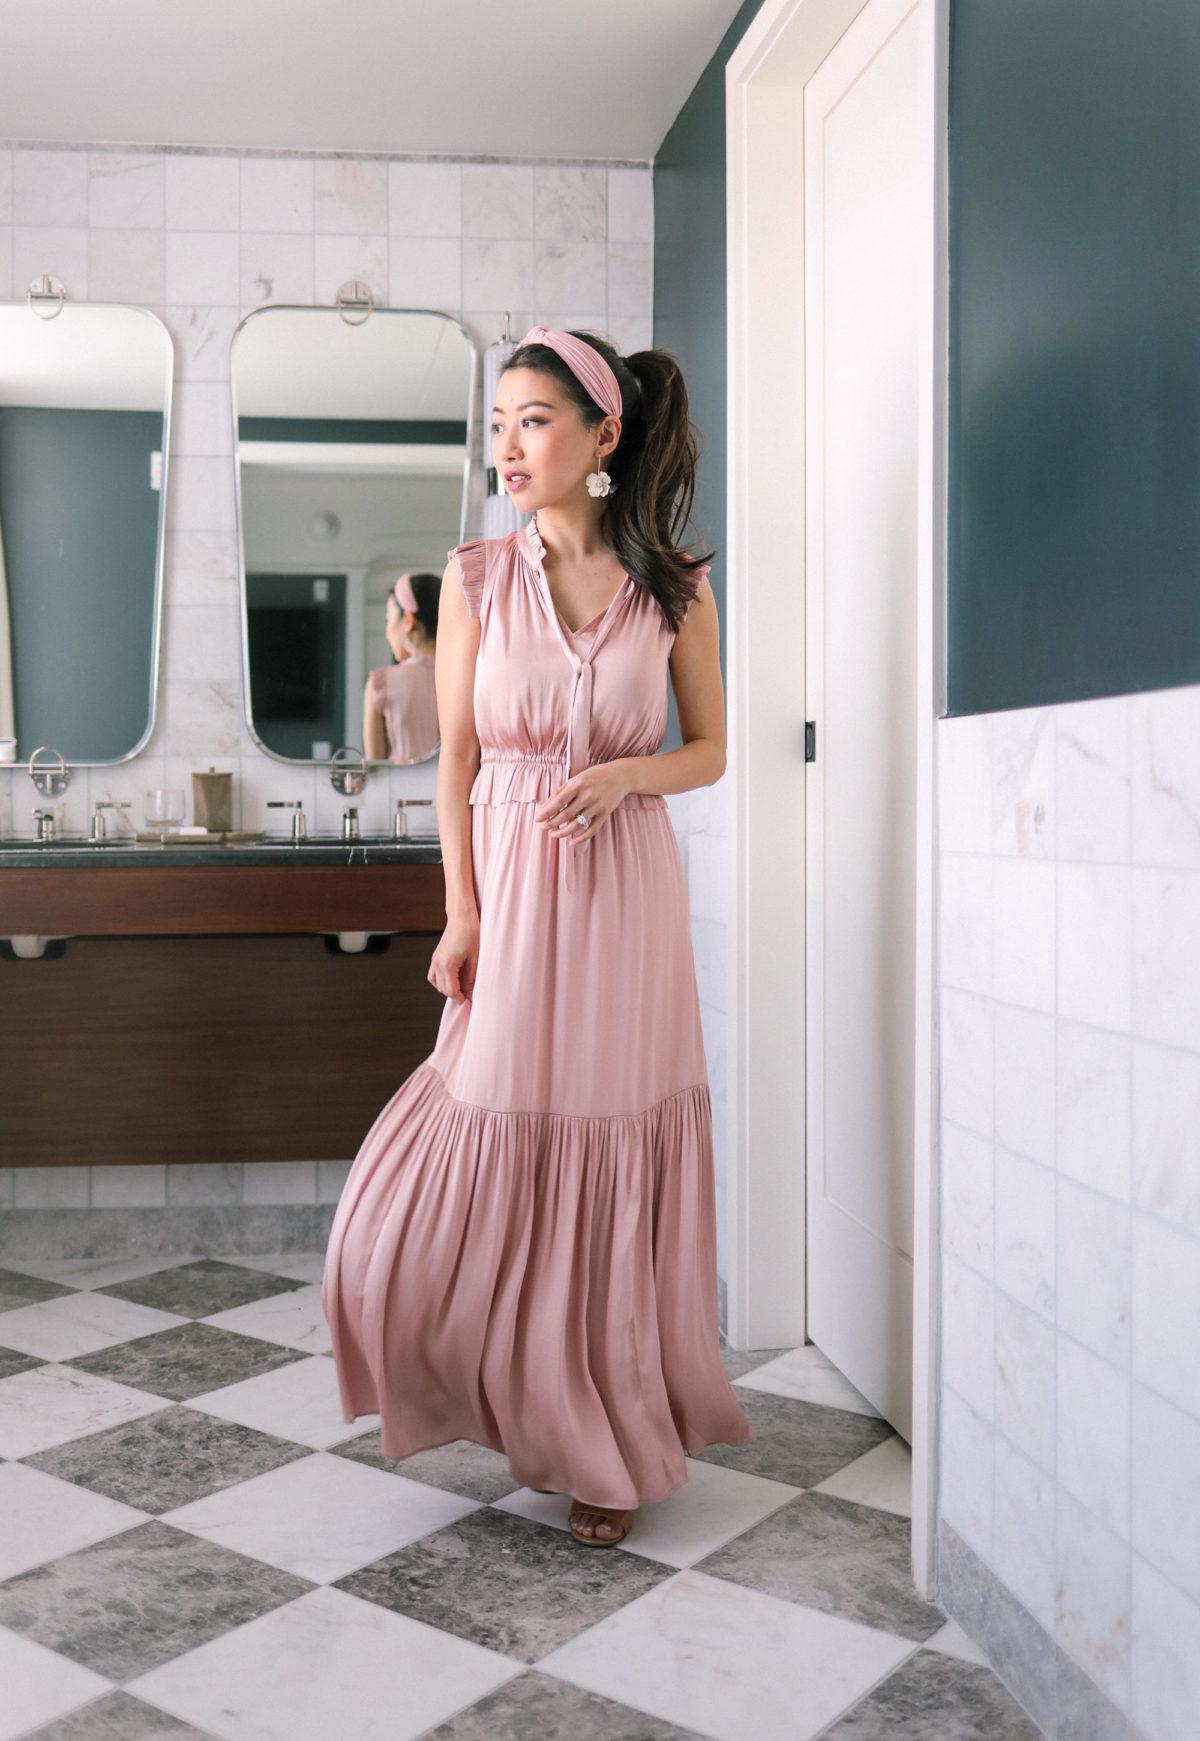 mặc đẹp cùng đầm eo cao hồng phối băng đô cùng màu